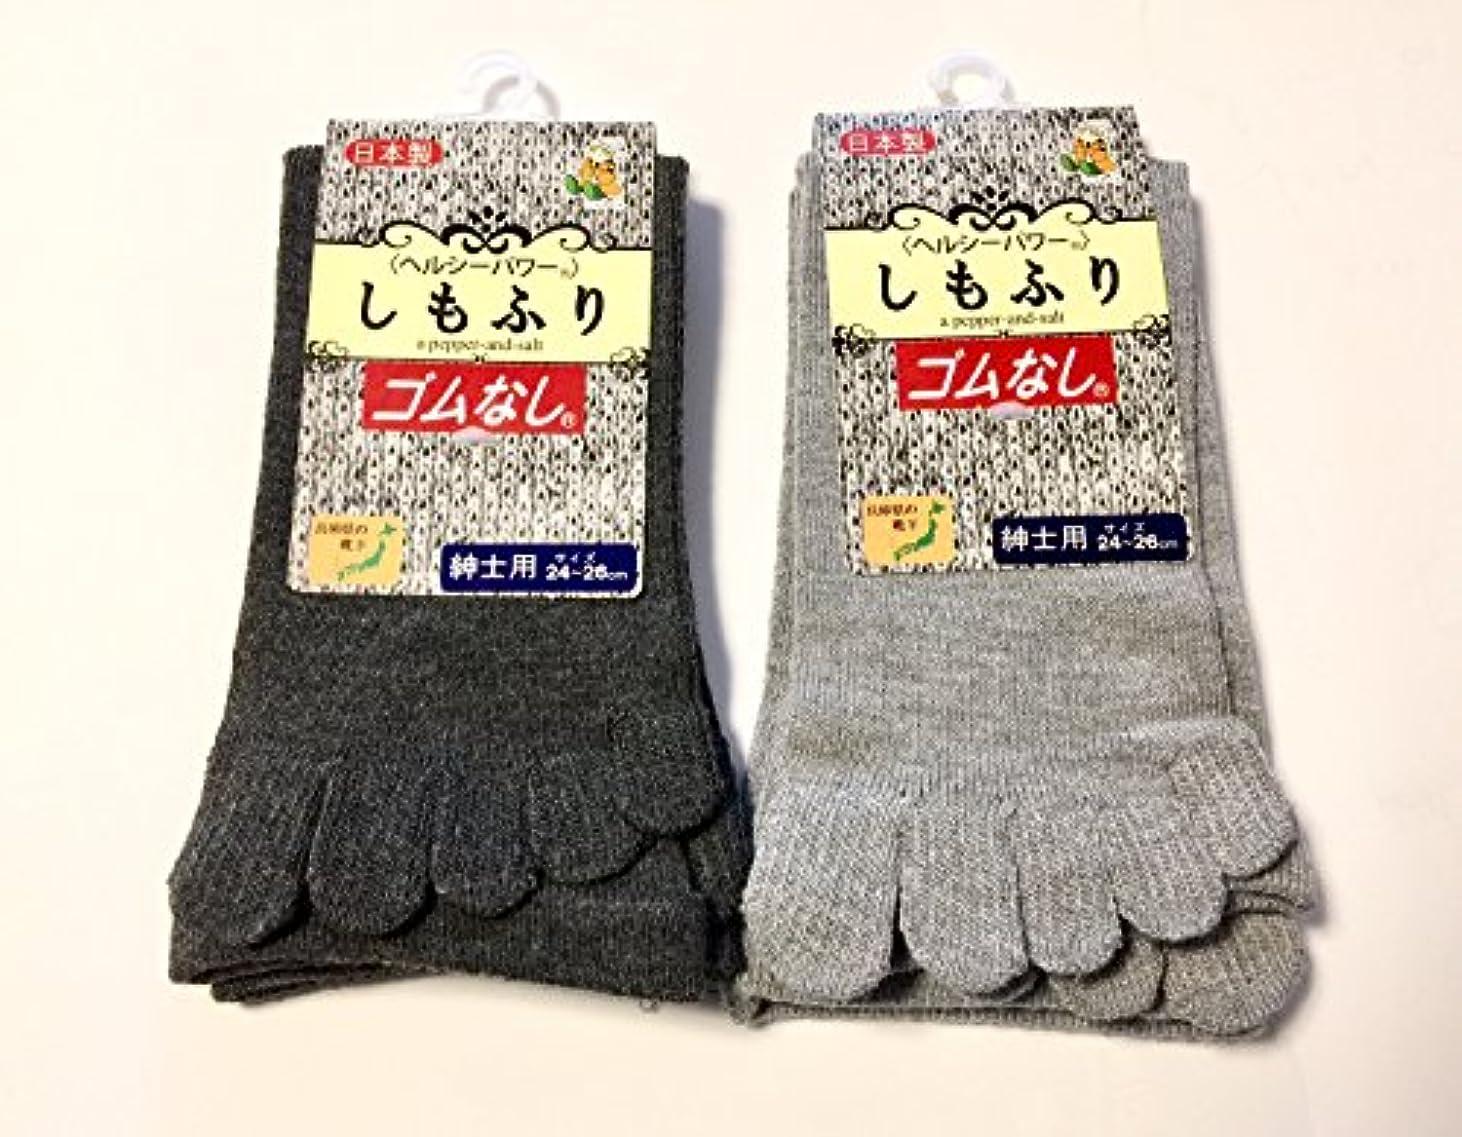 独立した権威無臭5本指ソックス メンズ 日本製 口ゴムなし しめつけない靴下 24~26cm 2色2足組